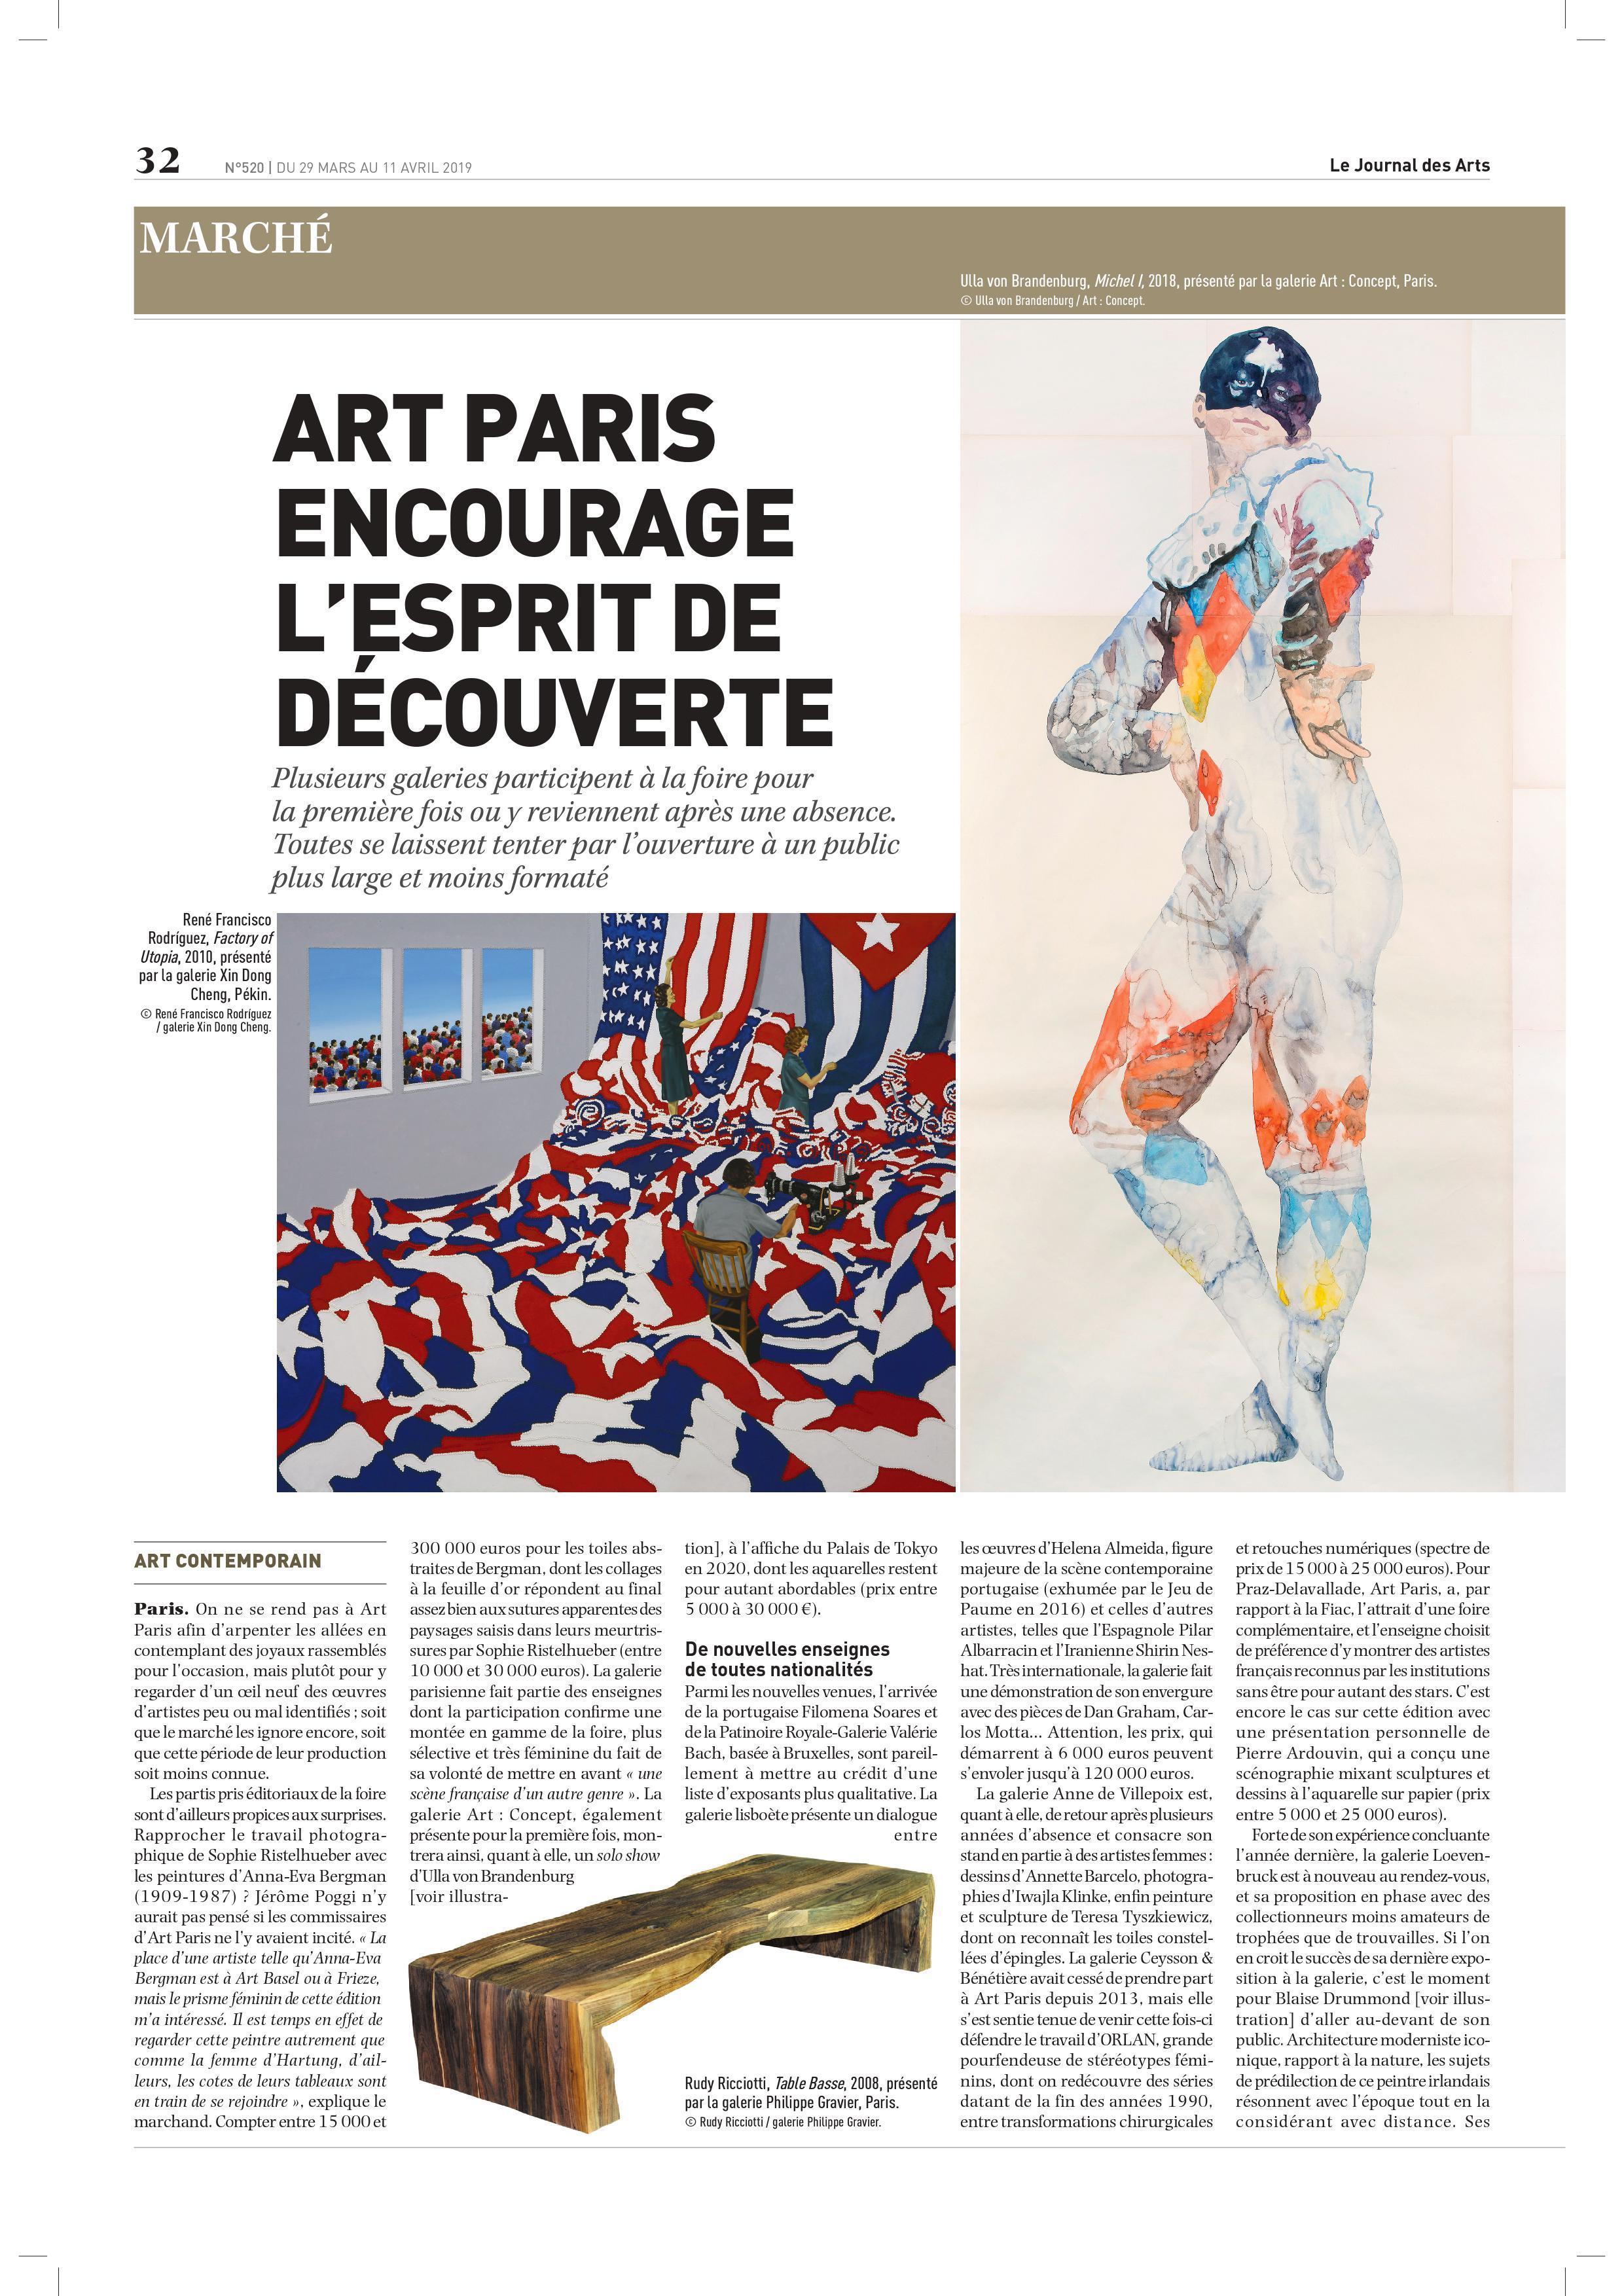 Le Journal des Arts – Art Paris 2019